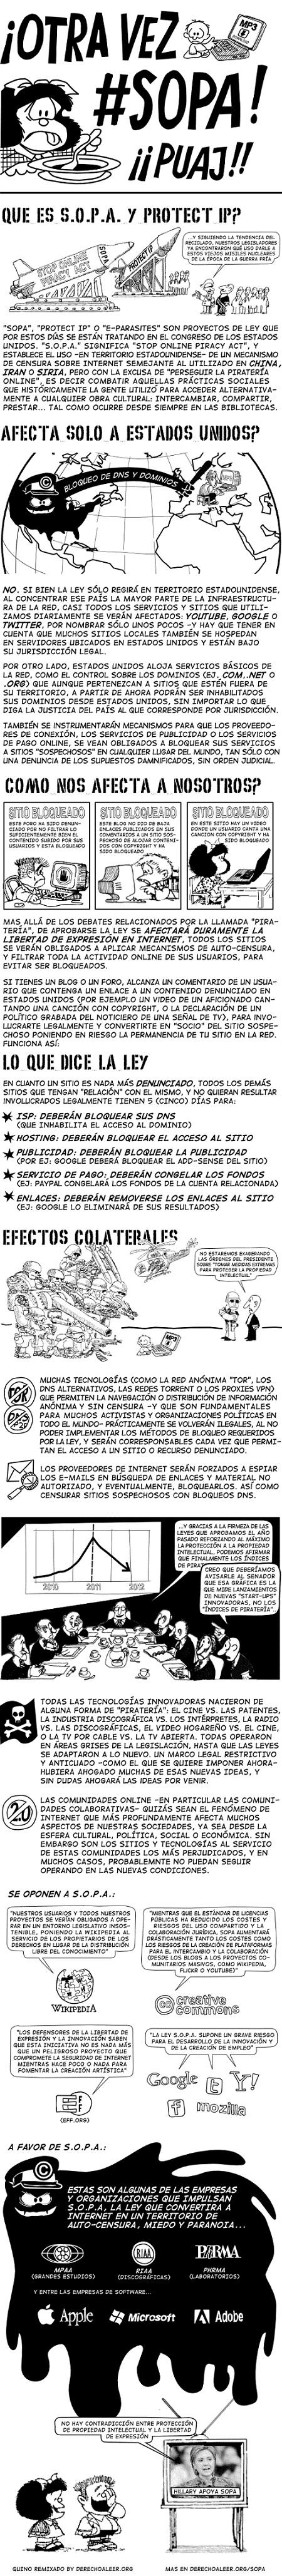 infografía Mafalda